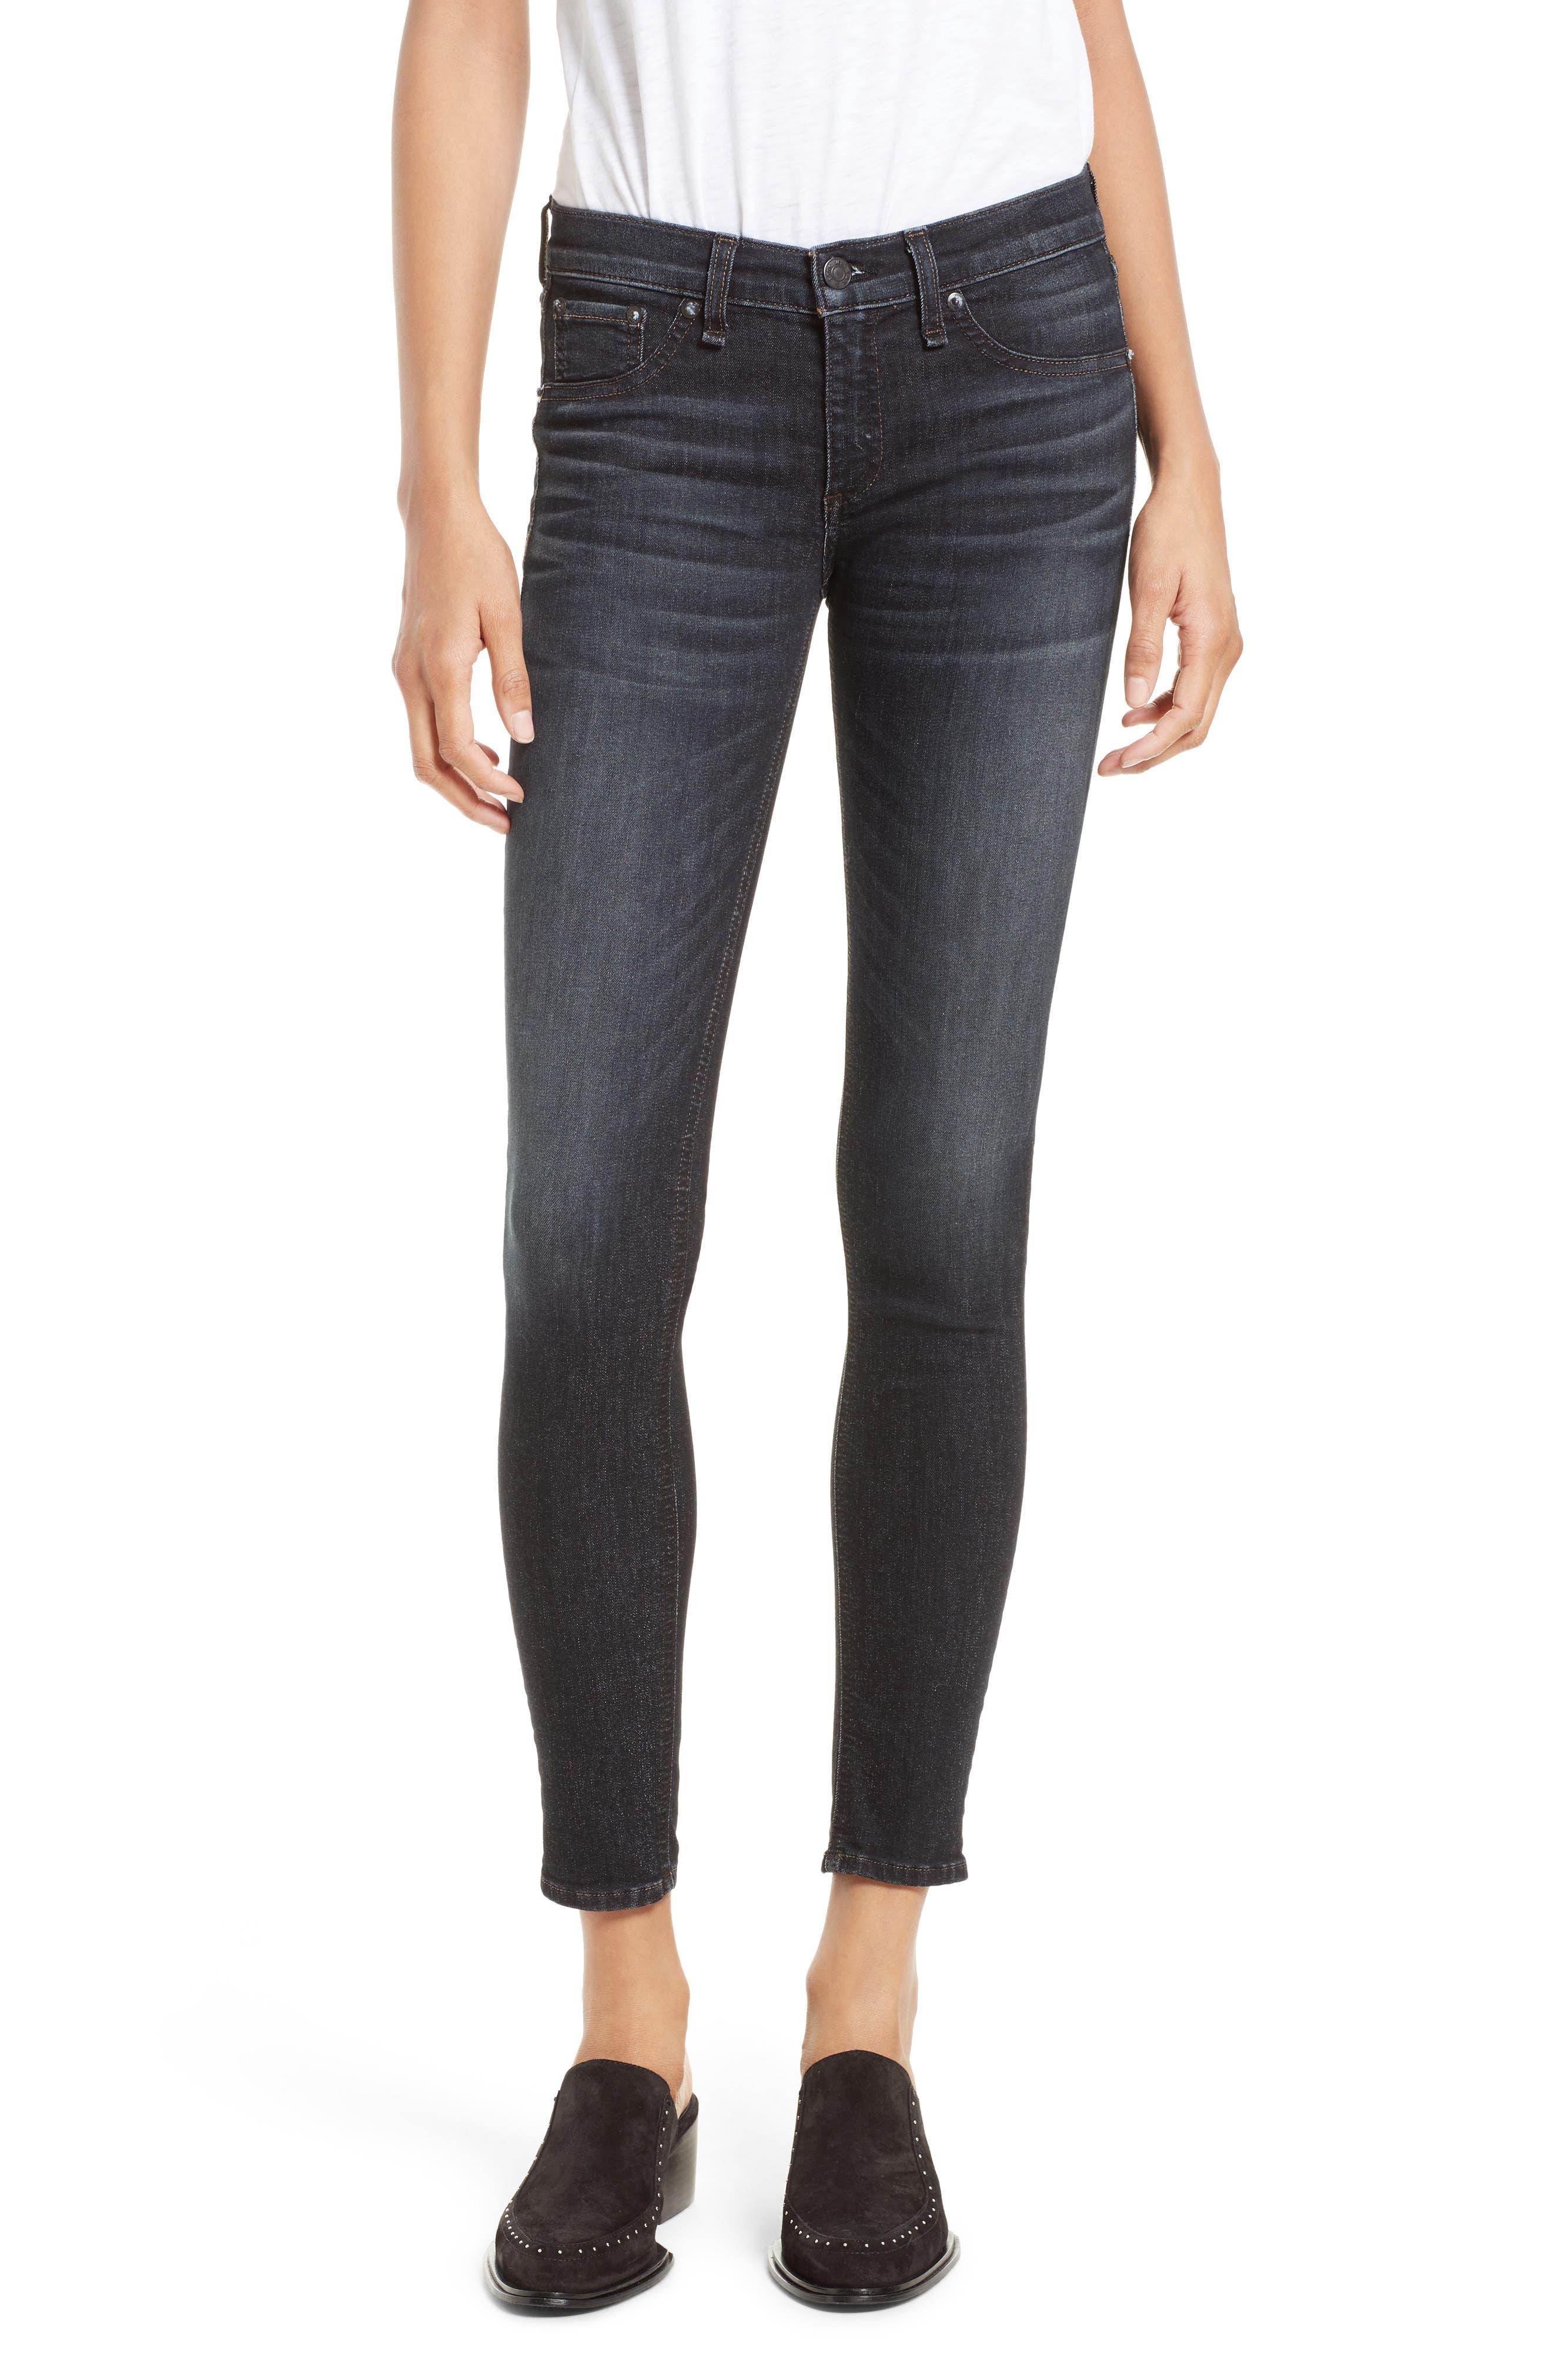 Skinny Jeans for Women | Nordstrom